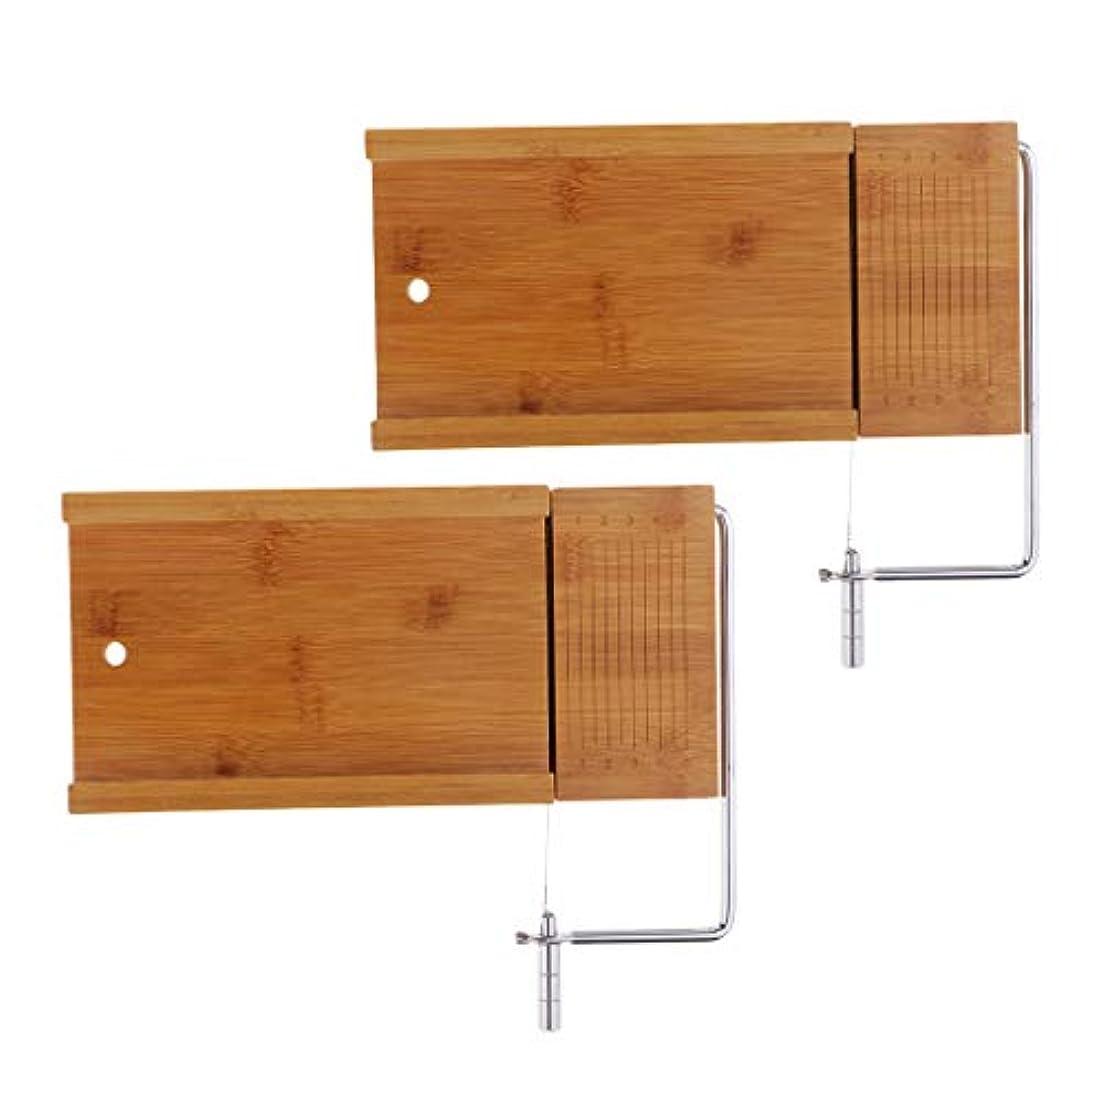 する債務衛星gazechimp 2個入り ソープスライサー ソープカッター 台 木質 せっけんカッター ワイヤー 石鹸切削工具 耐久性